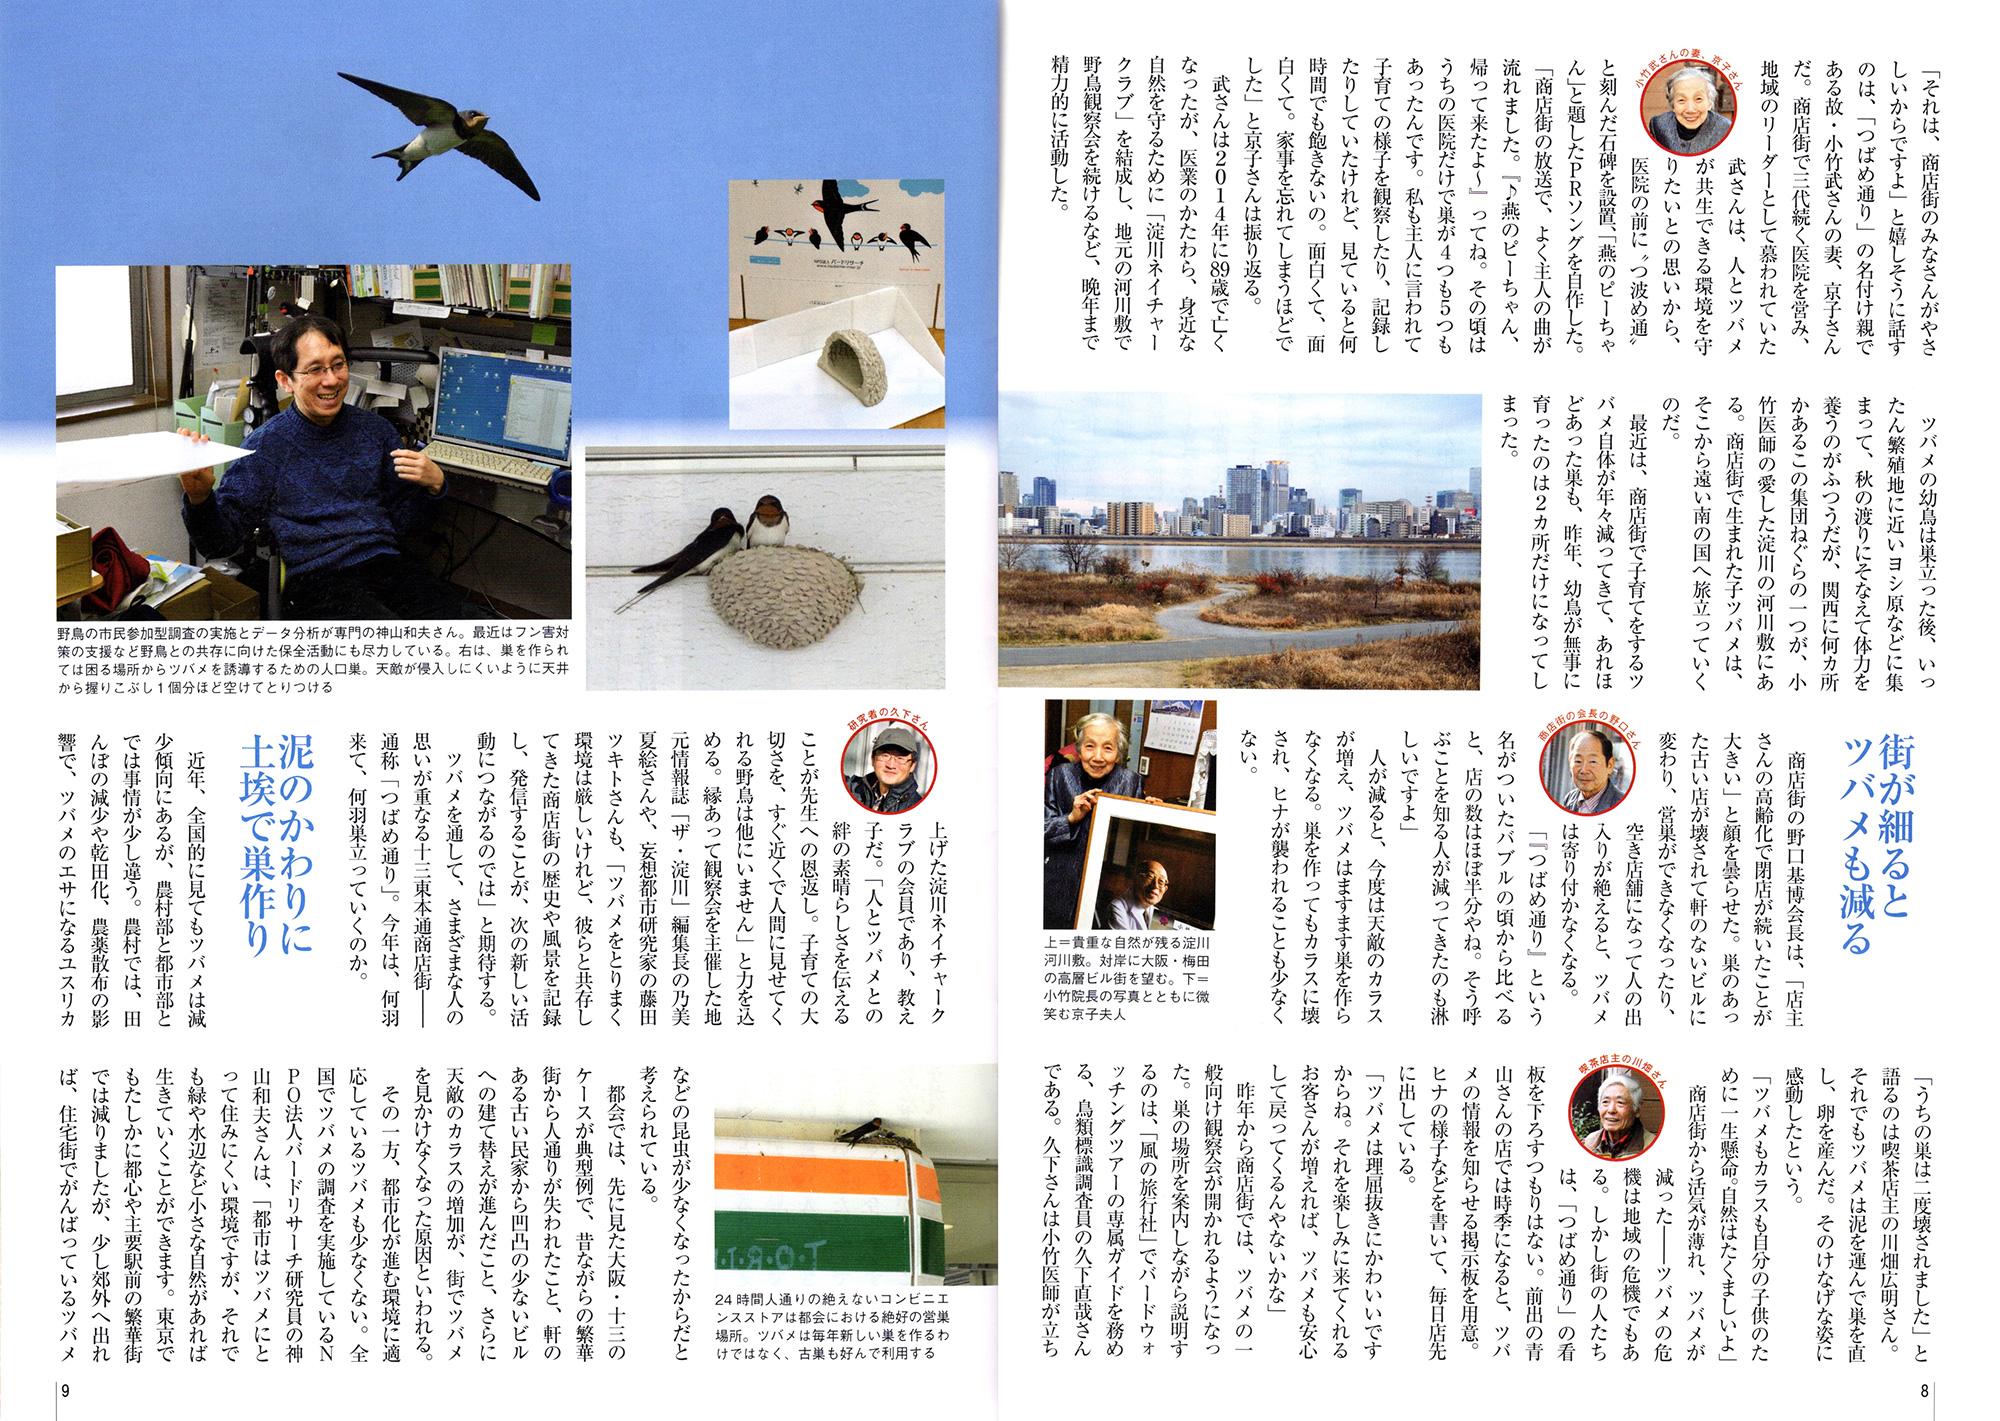 【ツバメノキロクヤ】みどりの風 No.53に活動が掲載されました。